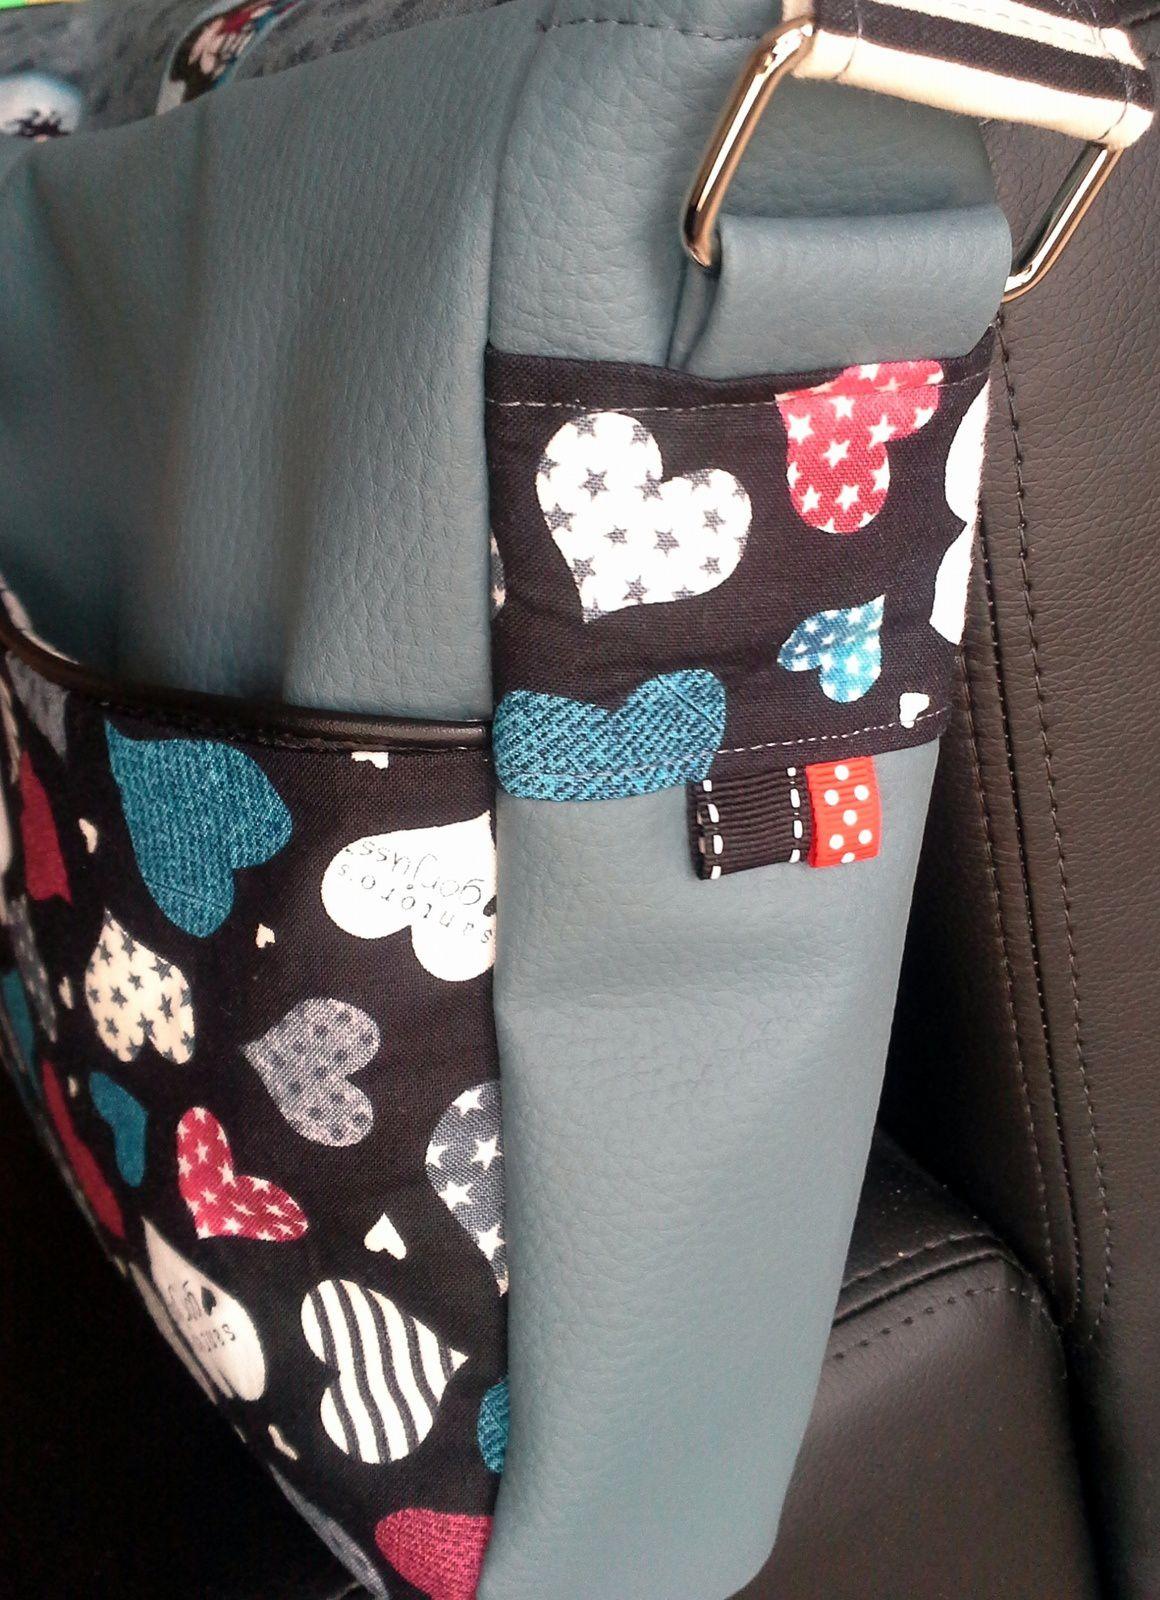 J'ai ajouté une poche au dos, des décos sur les cotés, et du passepoil (rabat plus poche devant) par rapport au modèle original